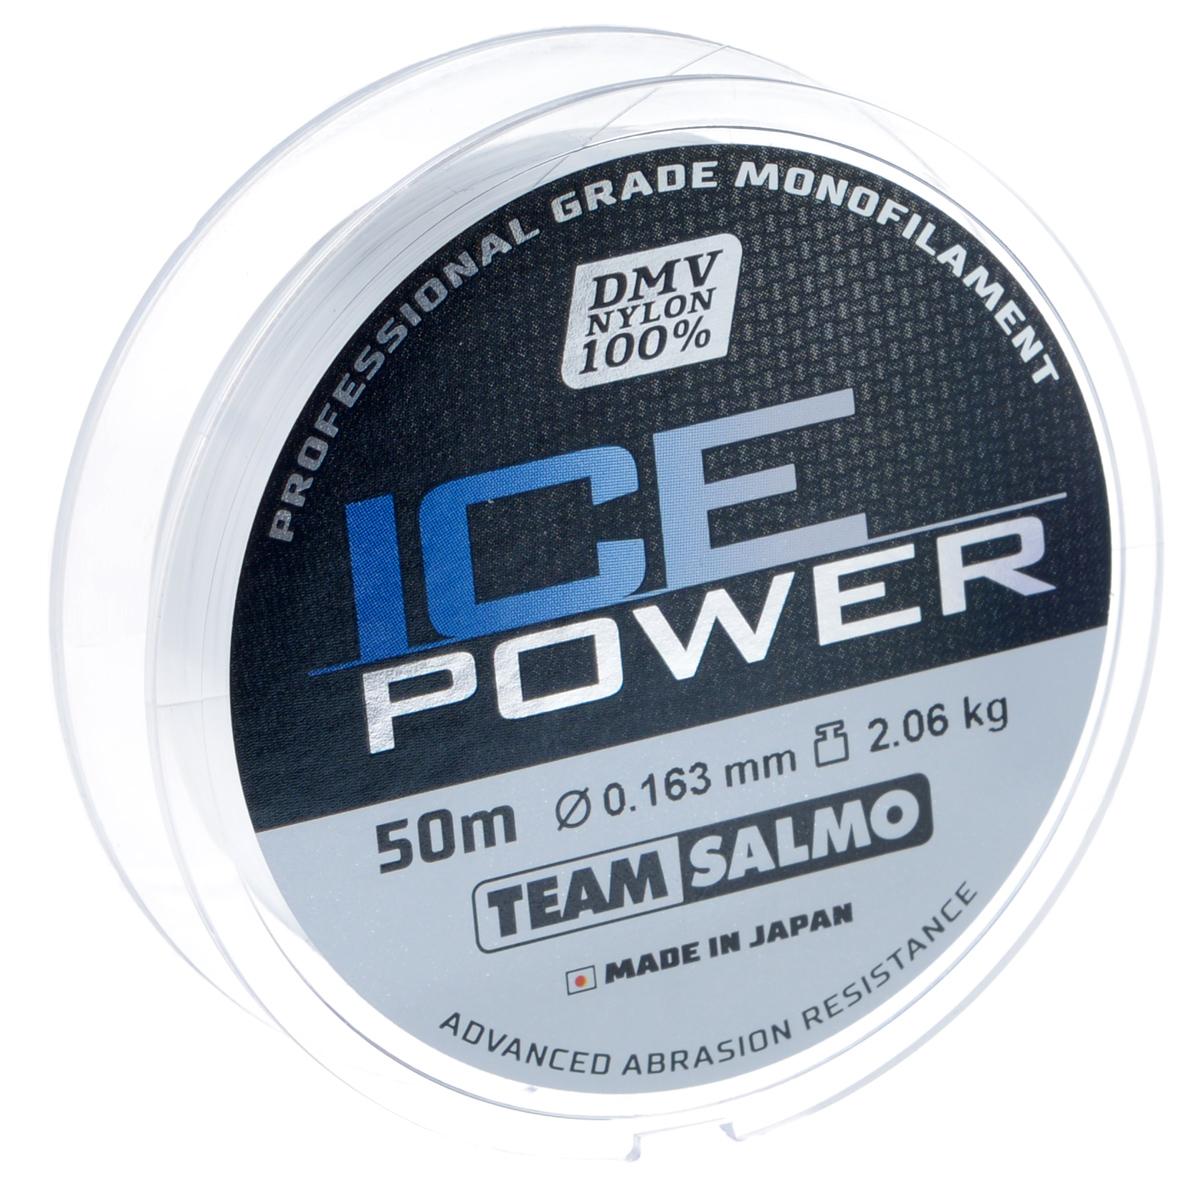 Леска монофильная Team Salmo Ice Power, сечение 0,163 мм, длина 50 м218032Team Salmo Ice Power - это леска последнего поколения, идеально калиброванная по всей длине, с точностью, определяемой до третьего знака. Материал, из которого изготовлена леска, обладает повышенной абразивной устойчивостью и не взаимодействует с водой, поэтому на морозе не теряет своих физических свойств, что значительно увеличивает срок ее службы. У лески отсутствует память, поэтому в процессе эксплуатации она не деформируется. Низкий коэффициент растяжимости делает леску максимально чувствительной, при этом она практически незаметна для рыбы. Леска производится использованием самого высококачественного сырья и новейших технологий.